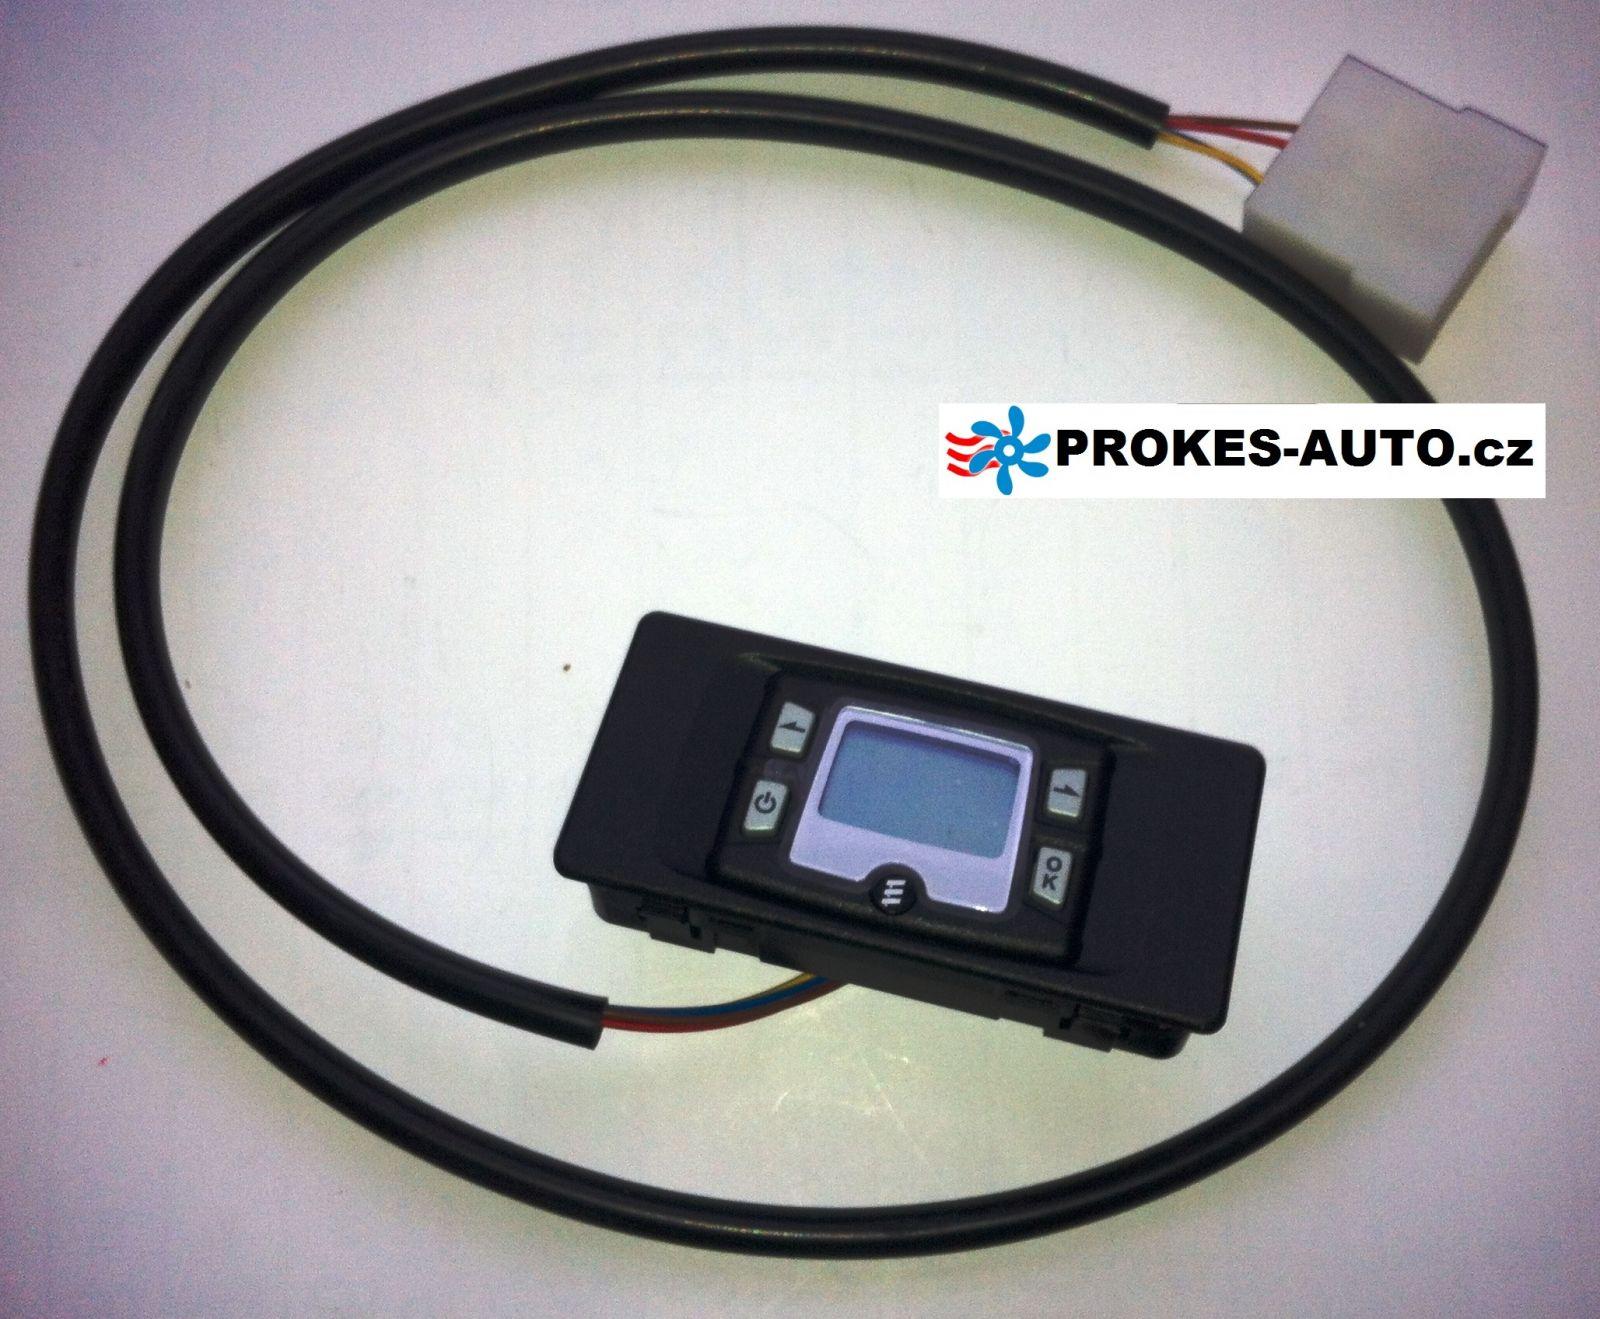 Eberspacher Basic diagnostic test unit H2 221545890000 / 221512890000 Eberspächer